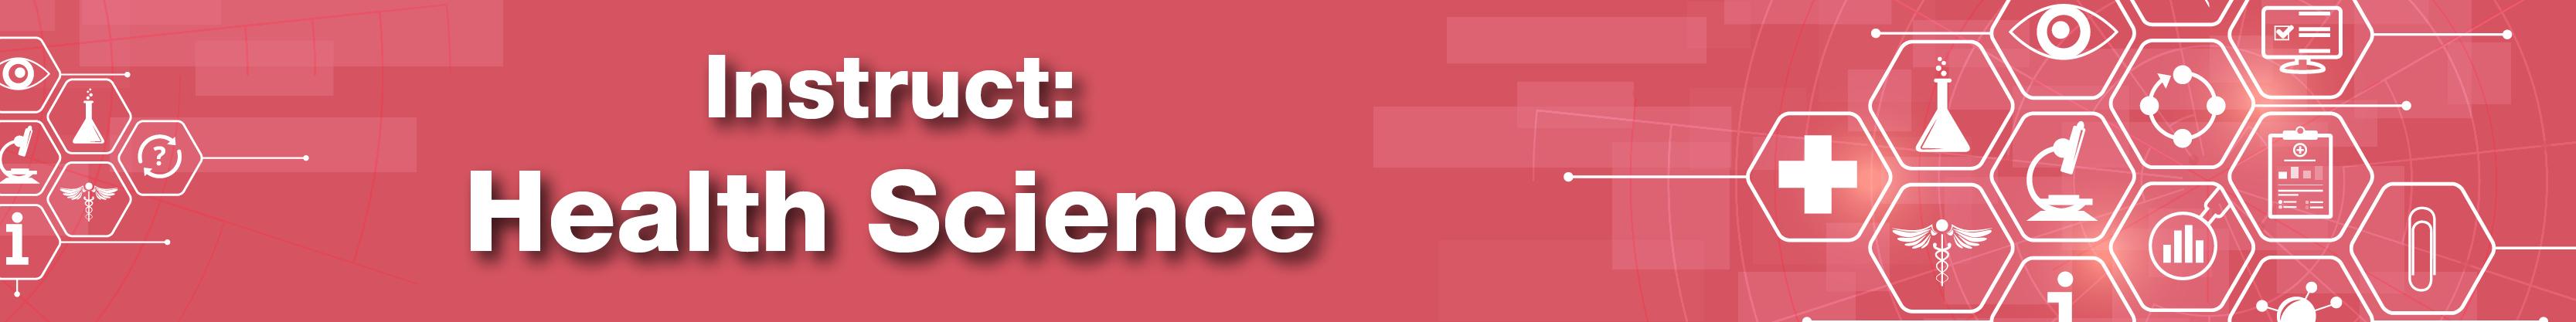 InstructHealthScience_LandingPageHeader_1600x200 v2-1